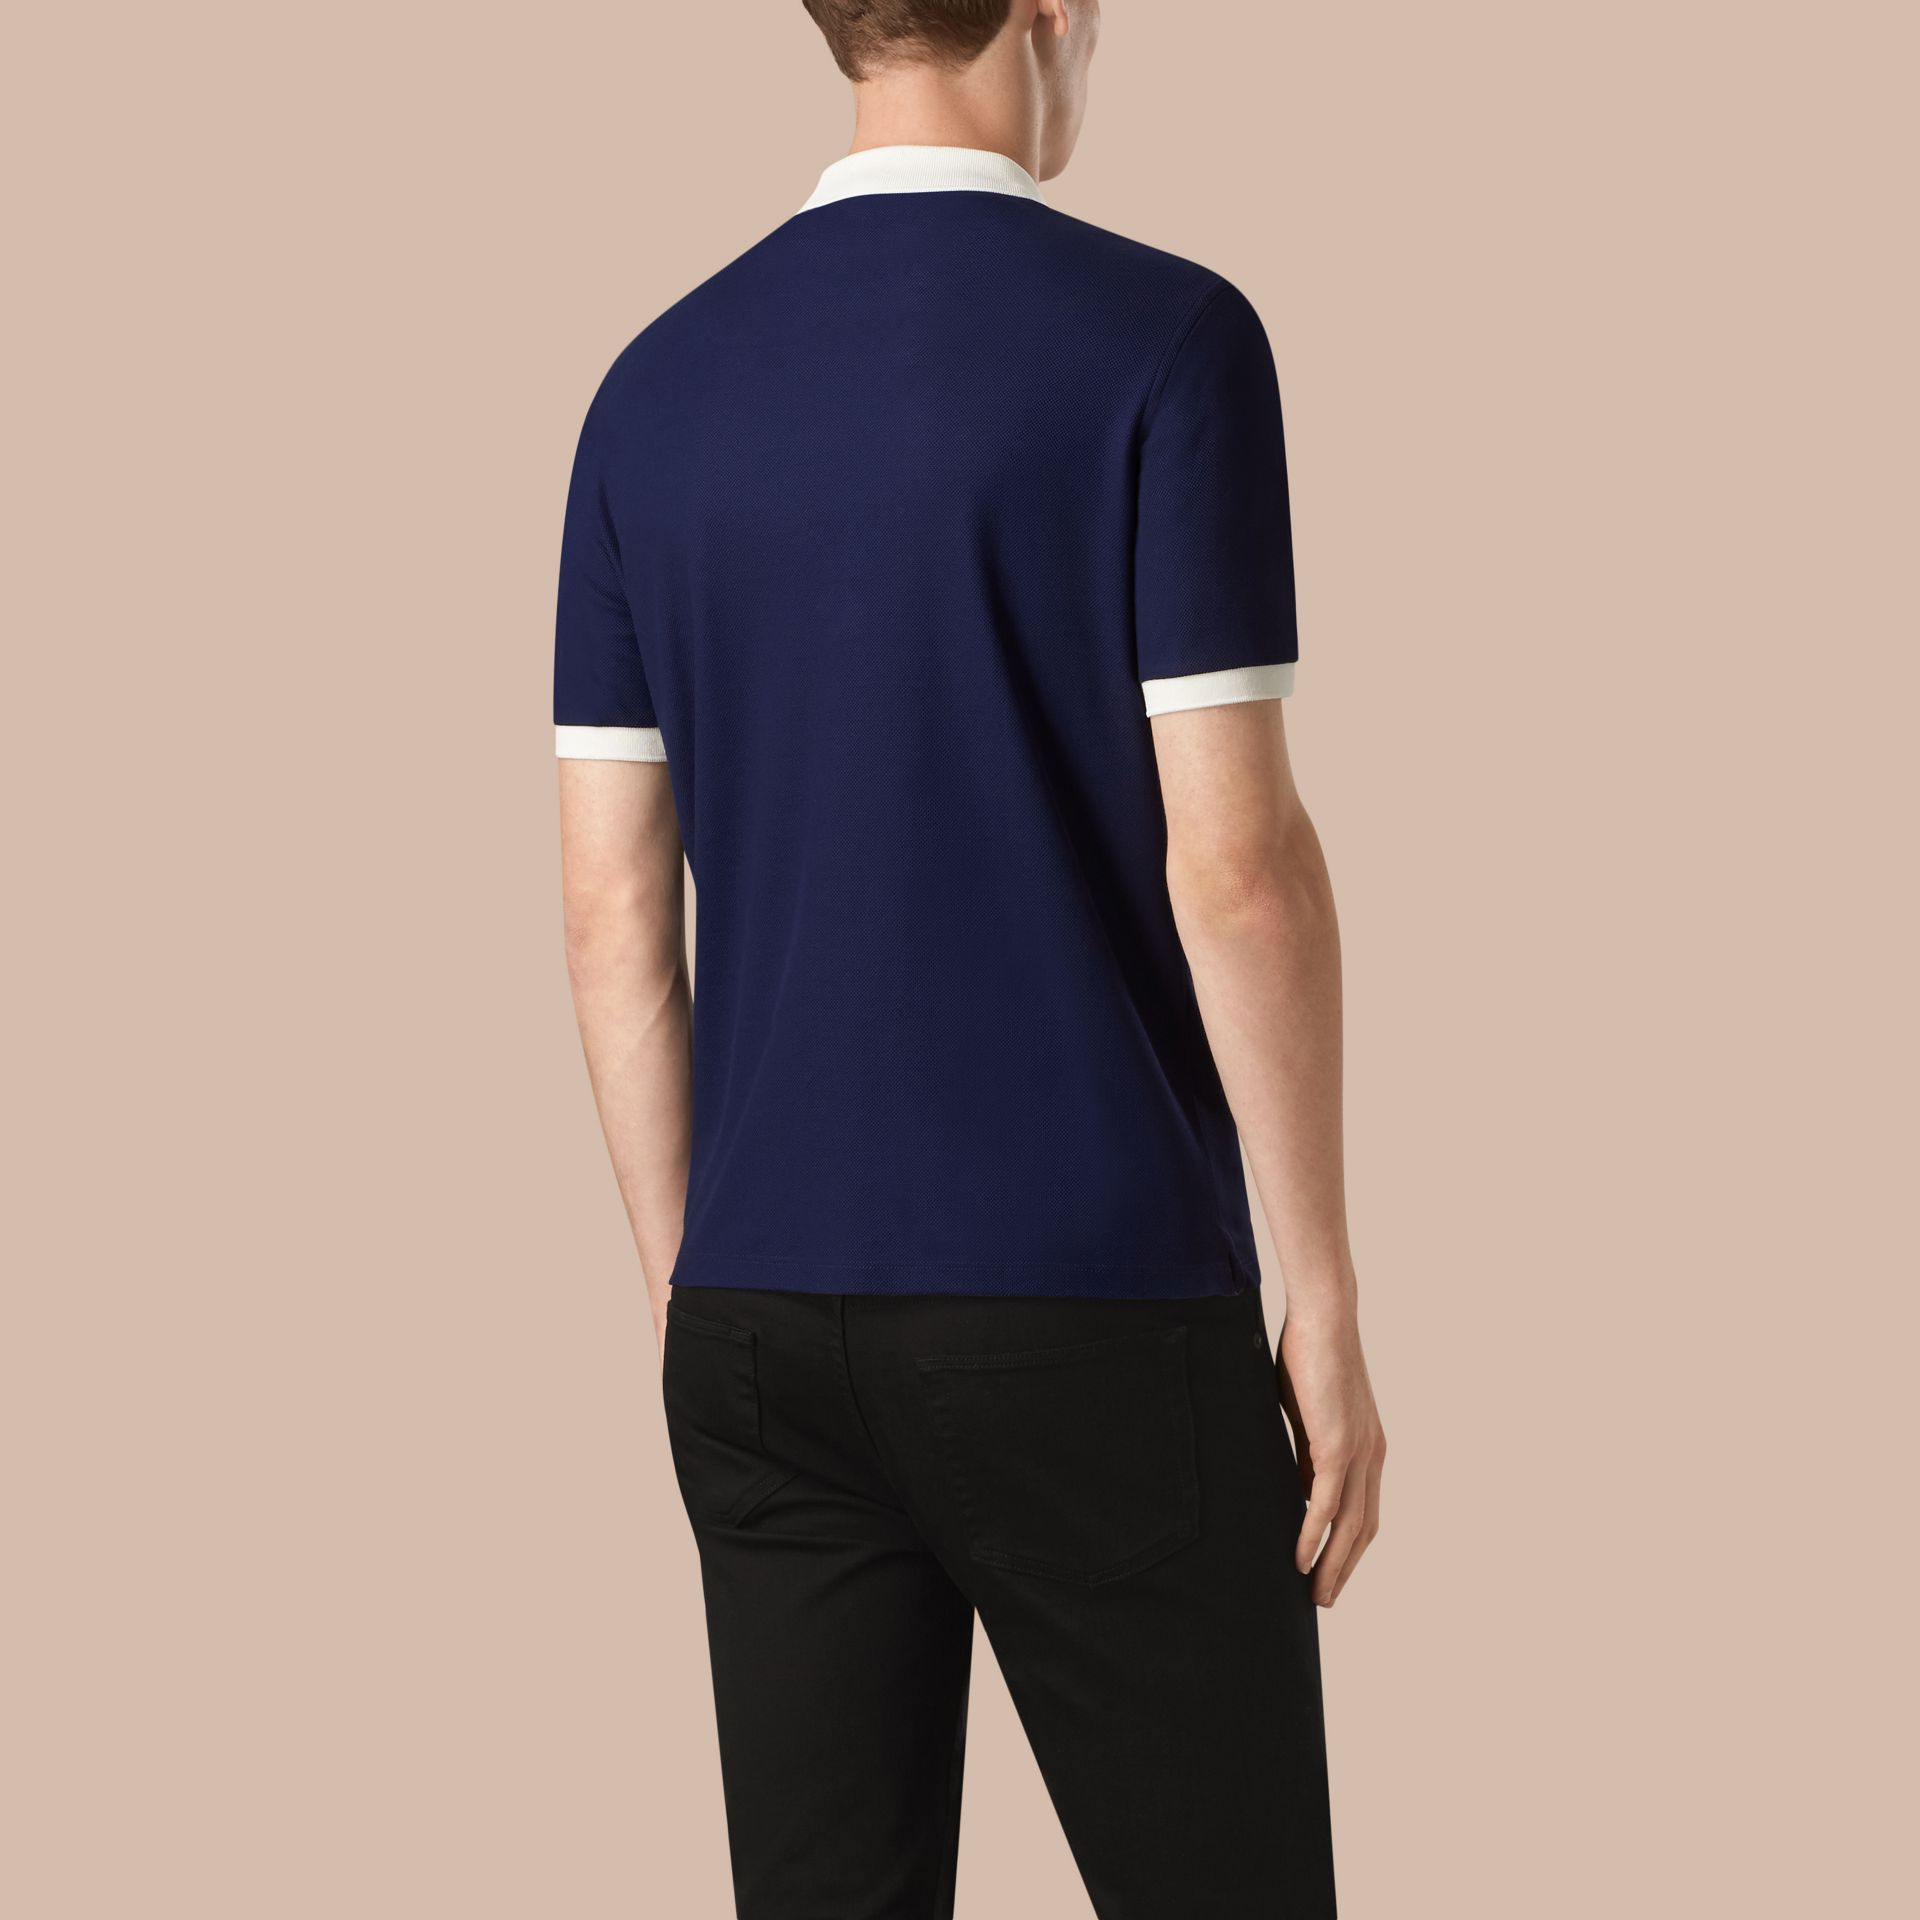 Marineblau/weiss Poloshirt aus mercerisiertem Baumwollpiqué Marineblau/weiss - Galerie-Bild 2